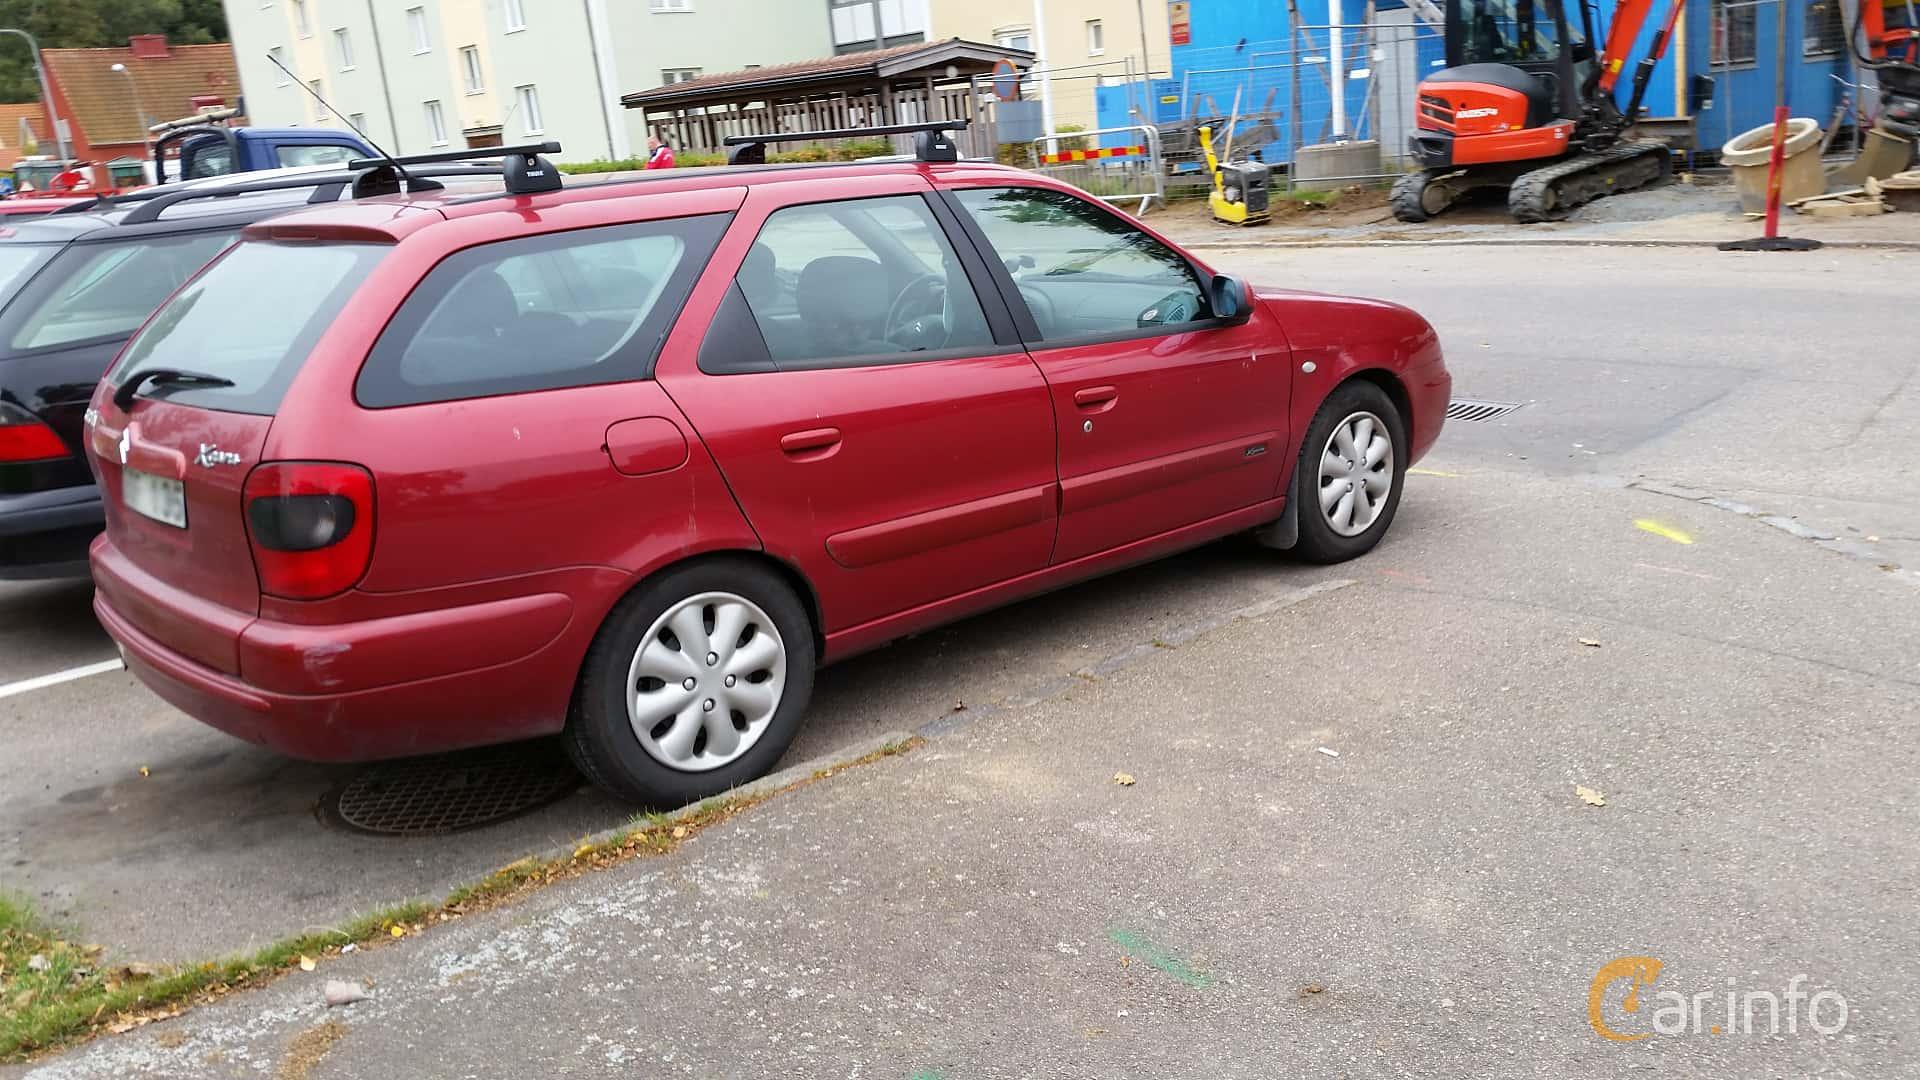 citro n xsara break 1 6 manual 109hp 2001 rh car info manual xsara break pdf manual xsara break 1999